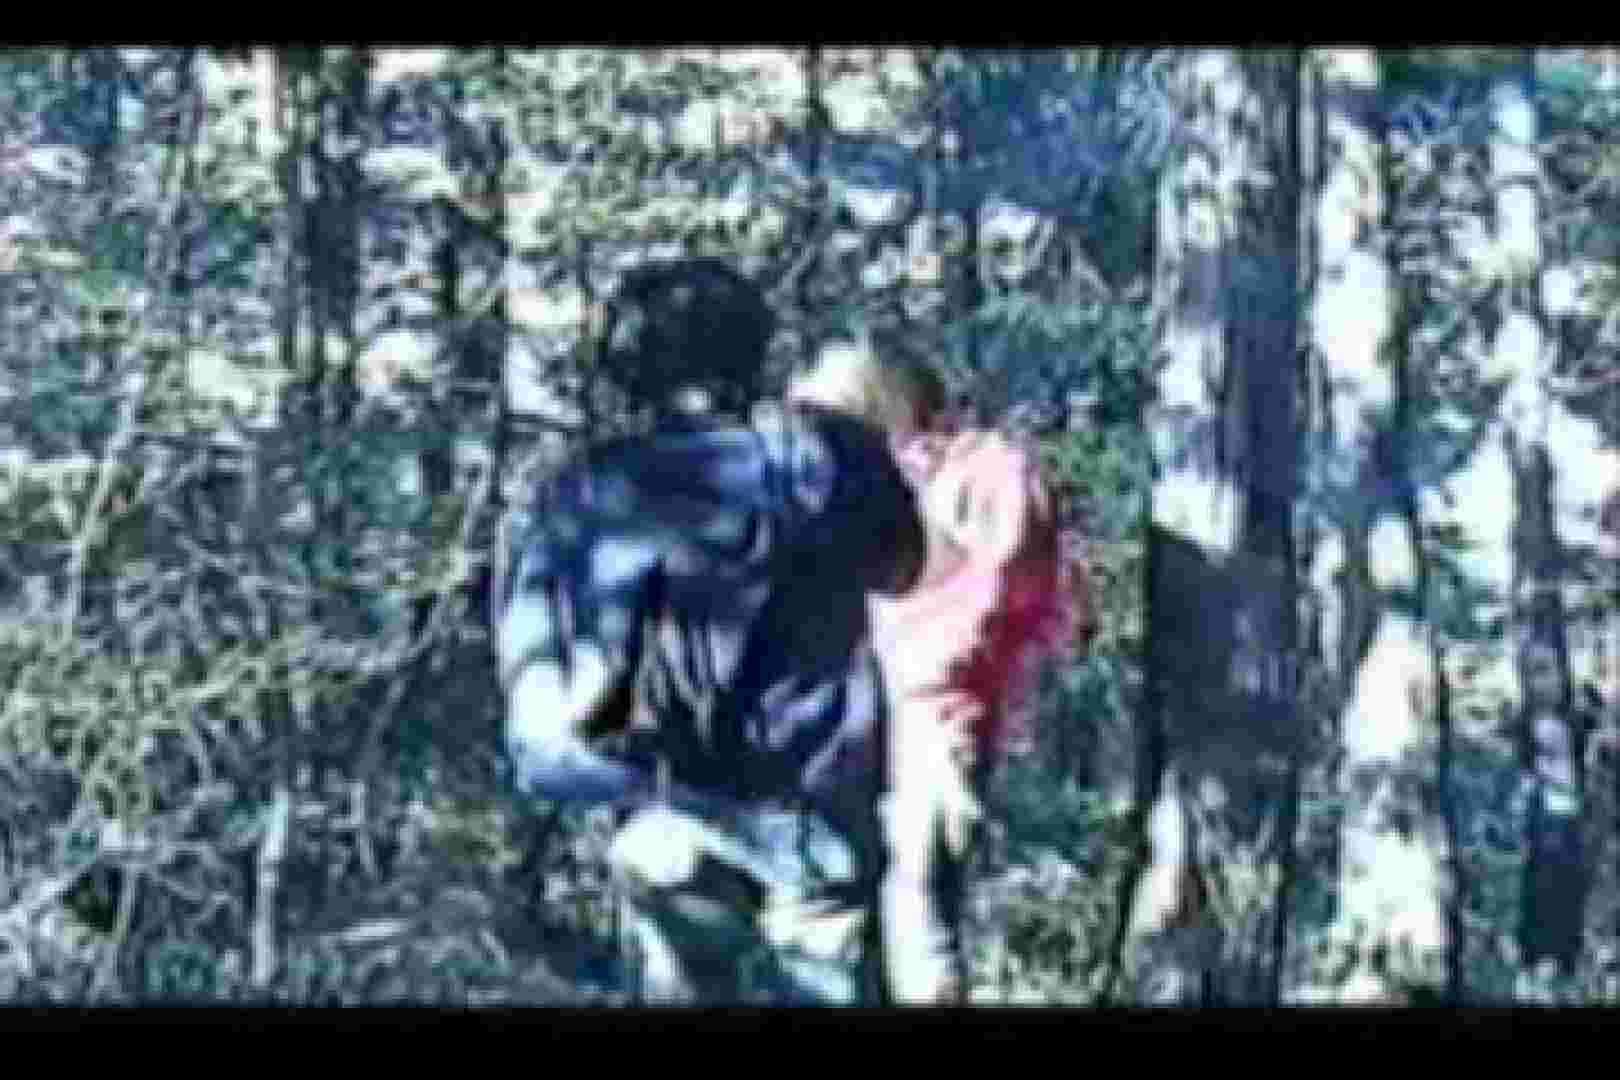 オールドゲイシリーズ  美少年ひかるのオープンファック イケメン  106pic 62